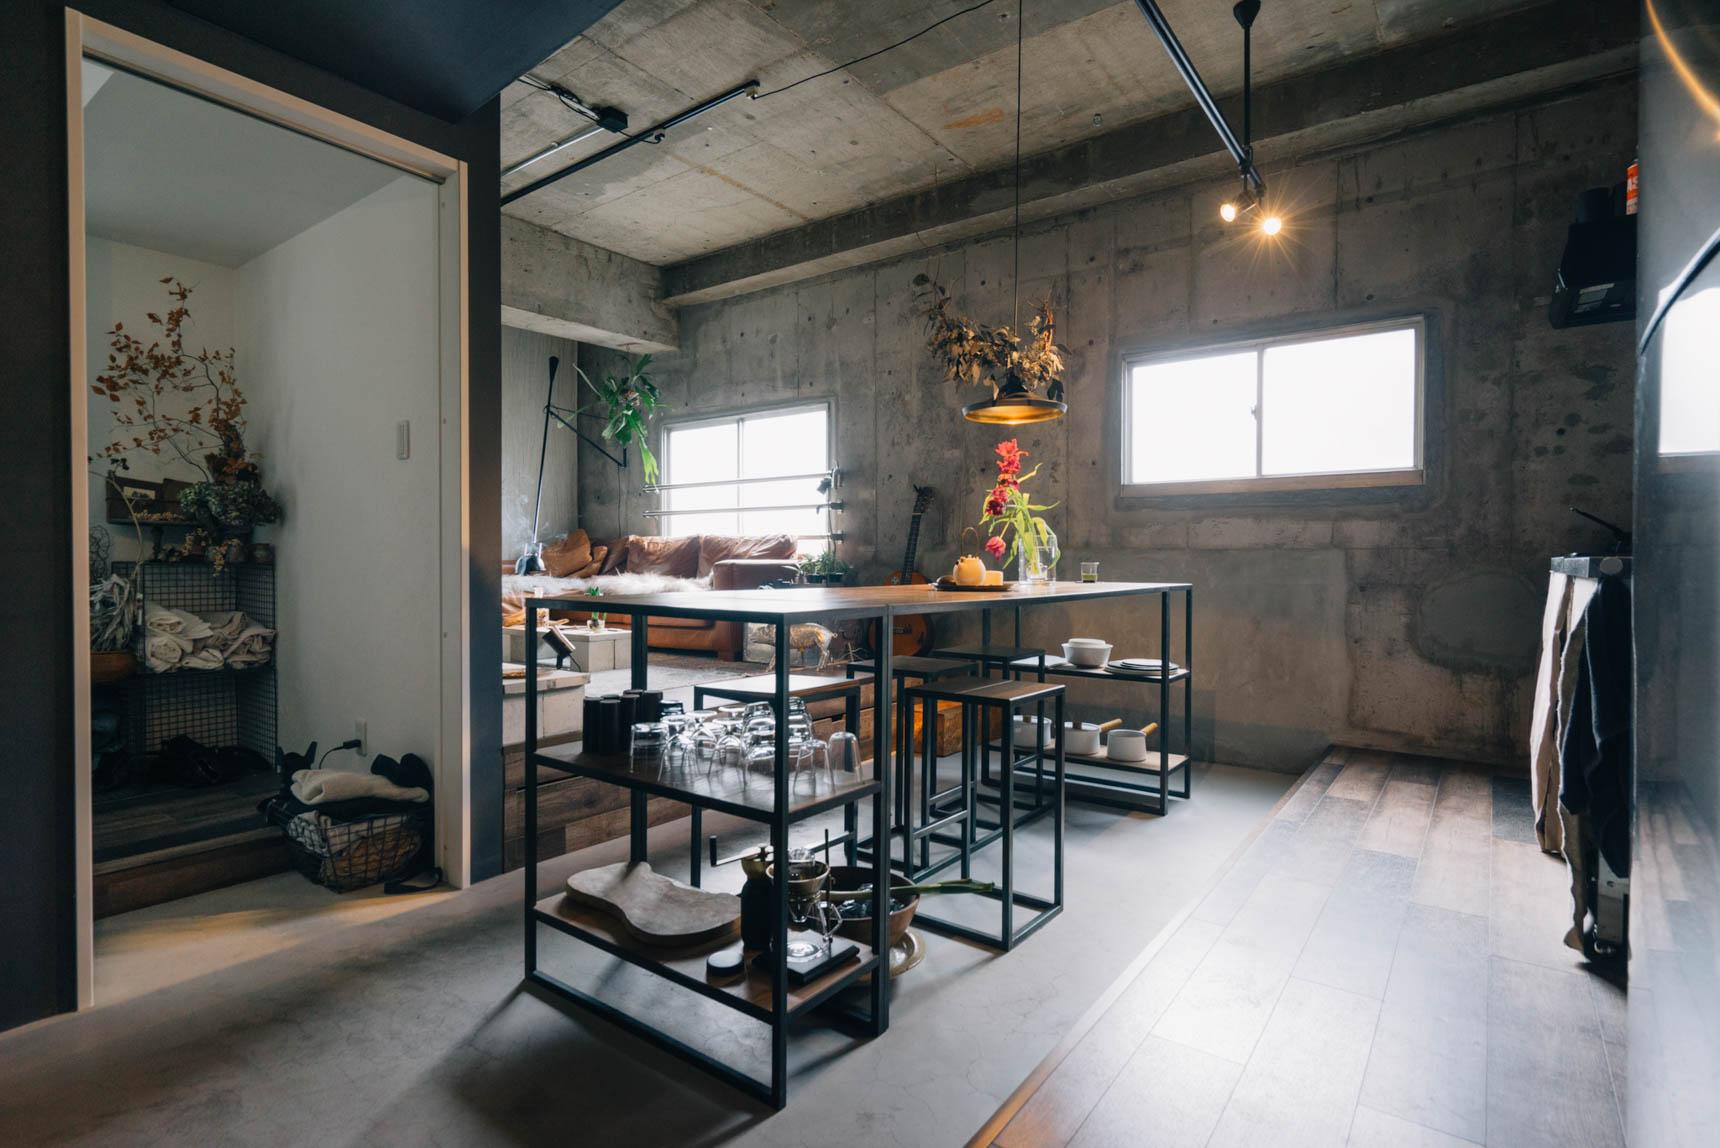 キッチンとの間には、土間のようなスペースが。もともと持っていたダイニングテーブルがぴったりだったことが、この部屋に決めた理由のひとつ。